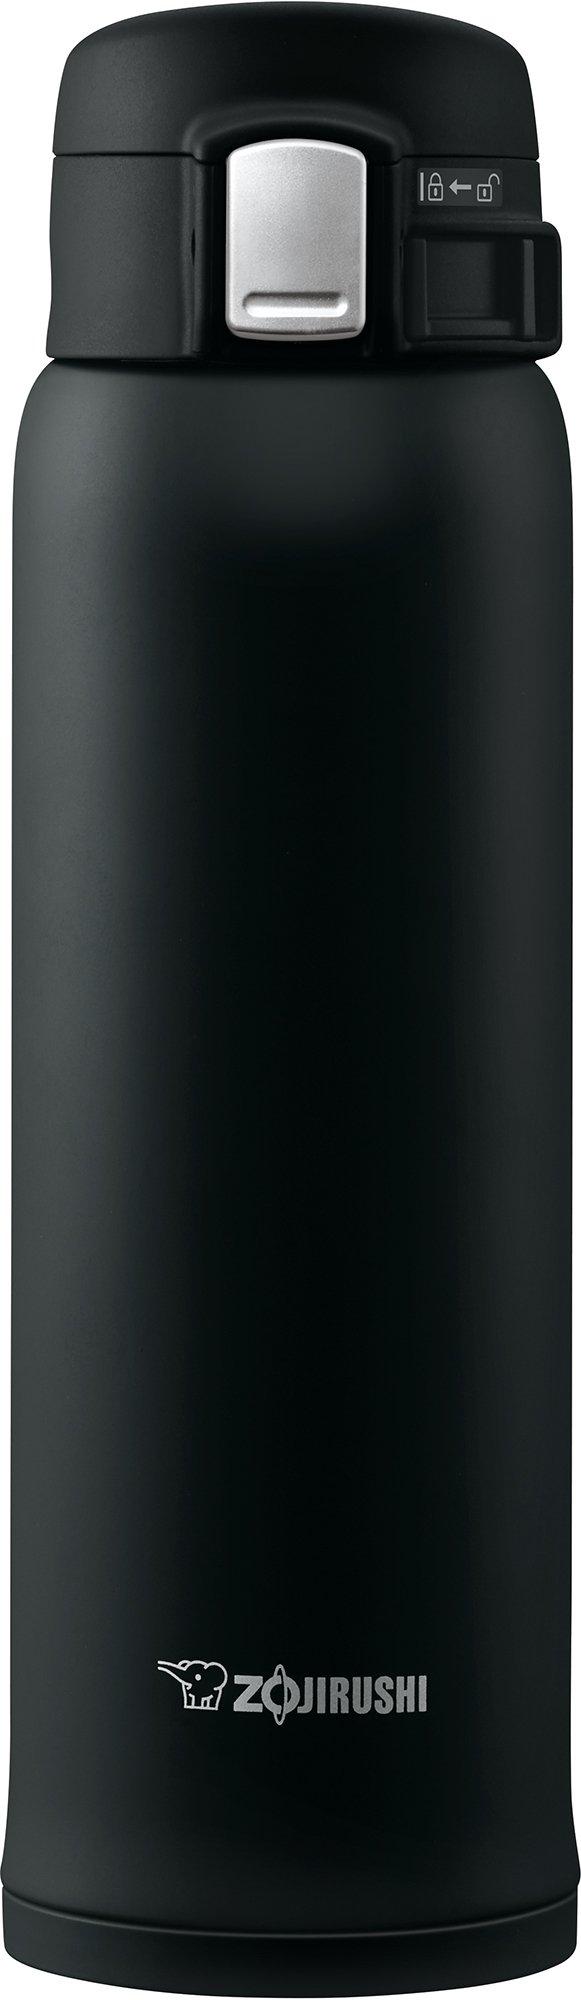 Zojirushi SM-SHE48BZ Stainless Steel Mug, 16 ounce, Black Matte